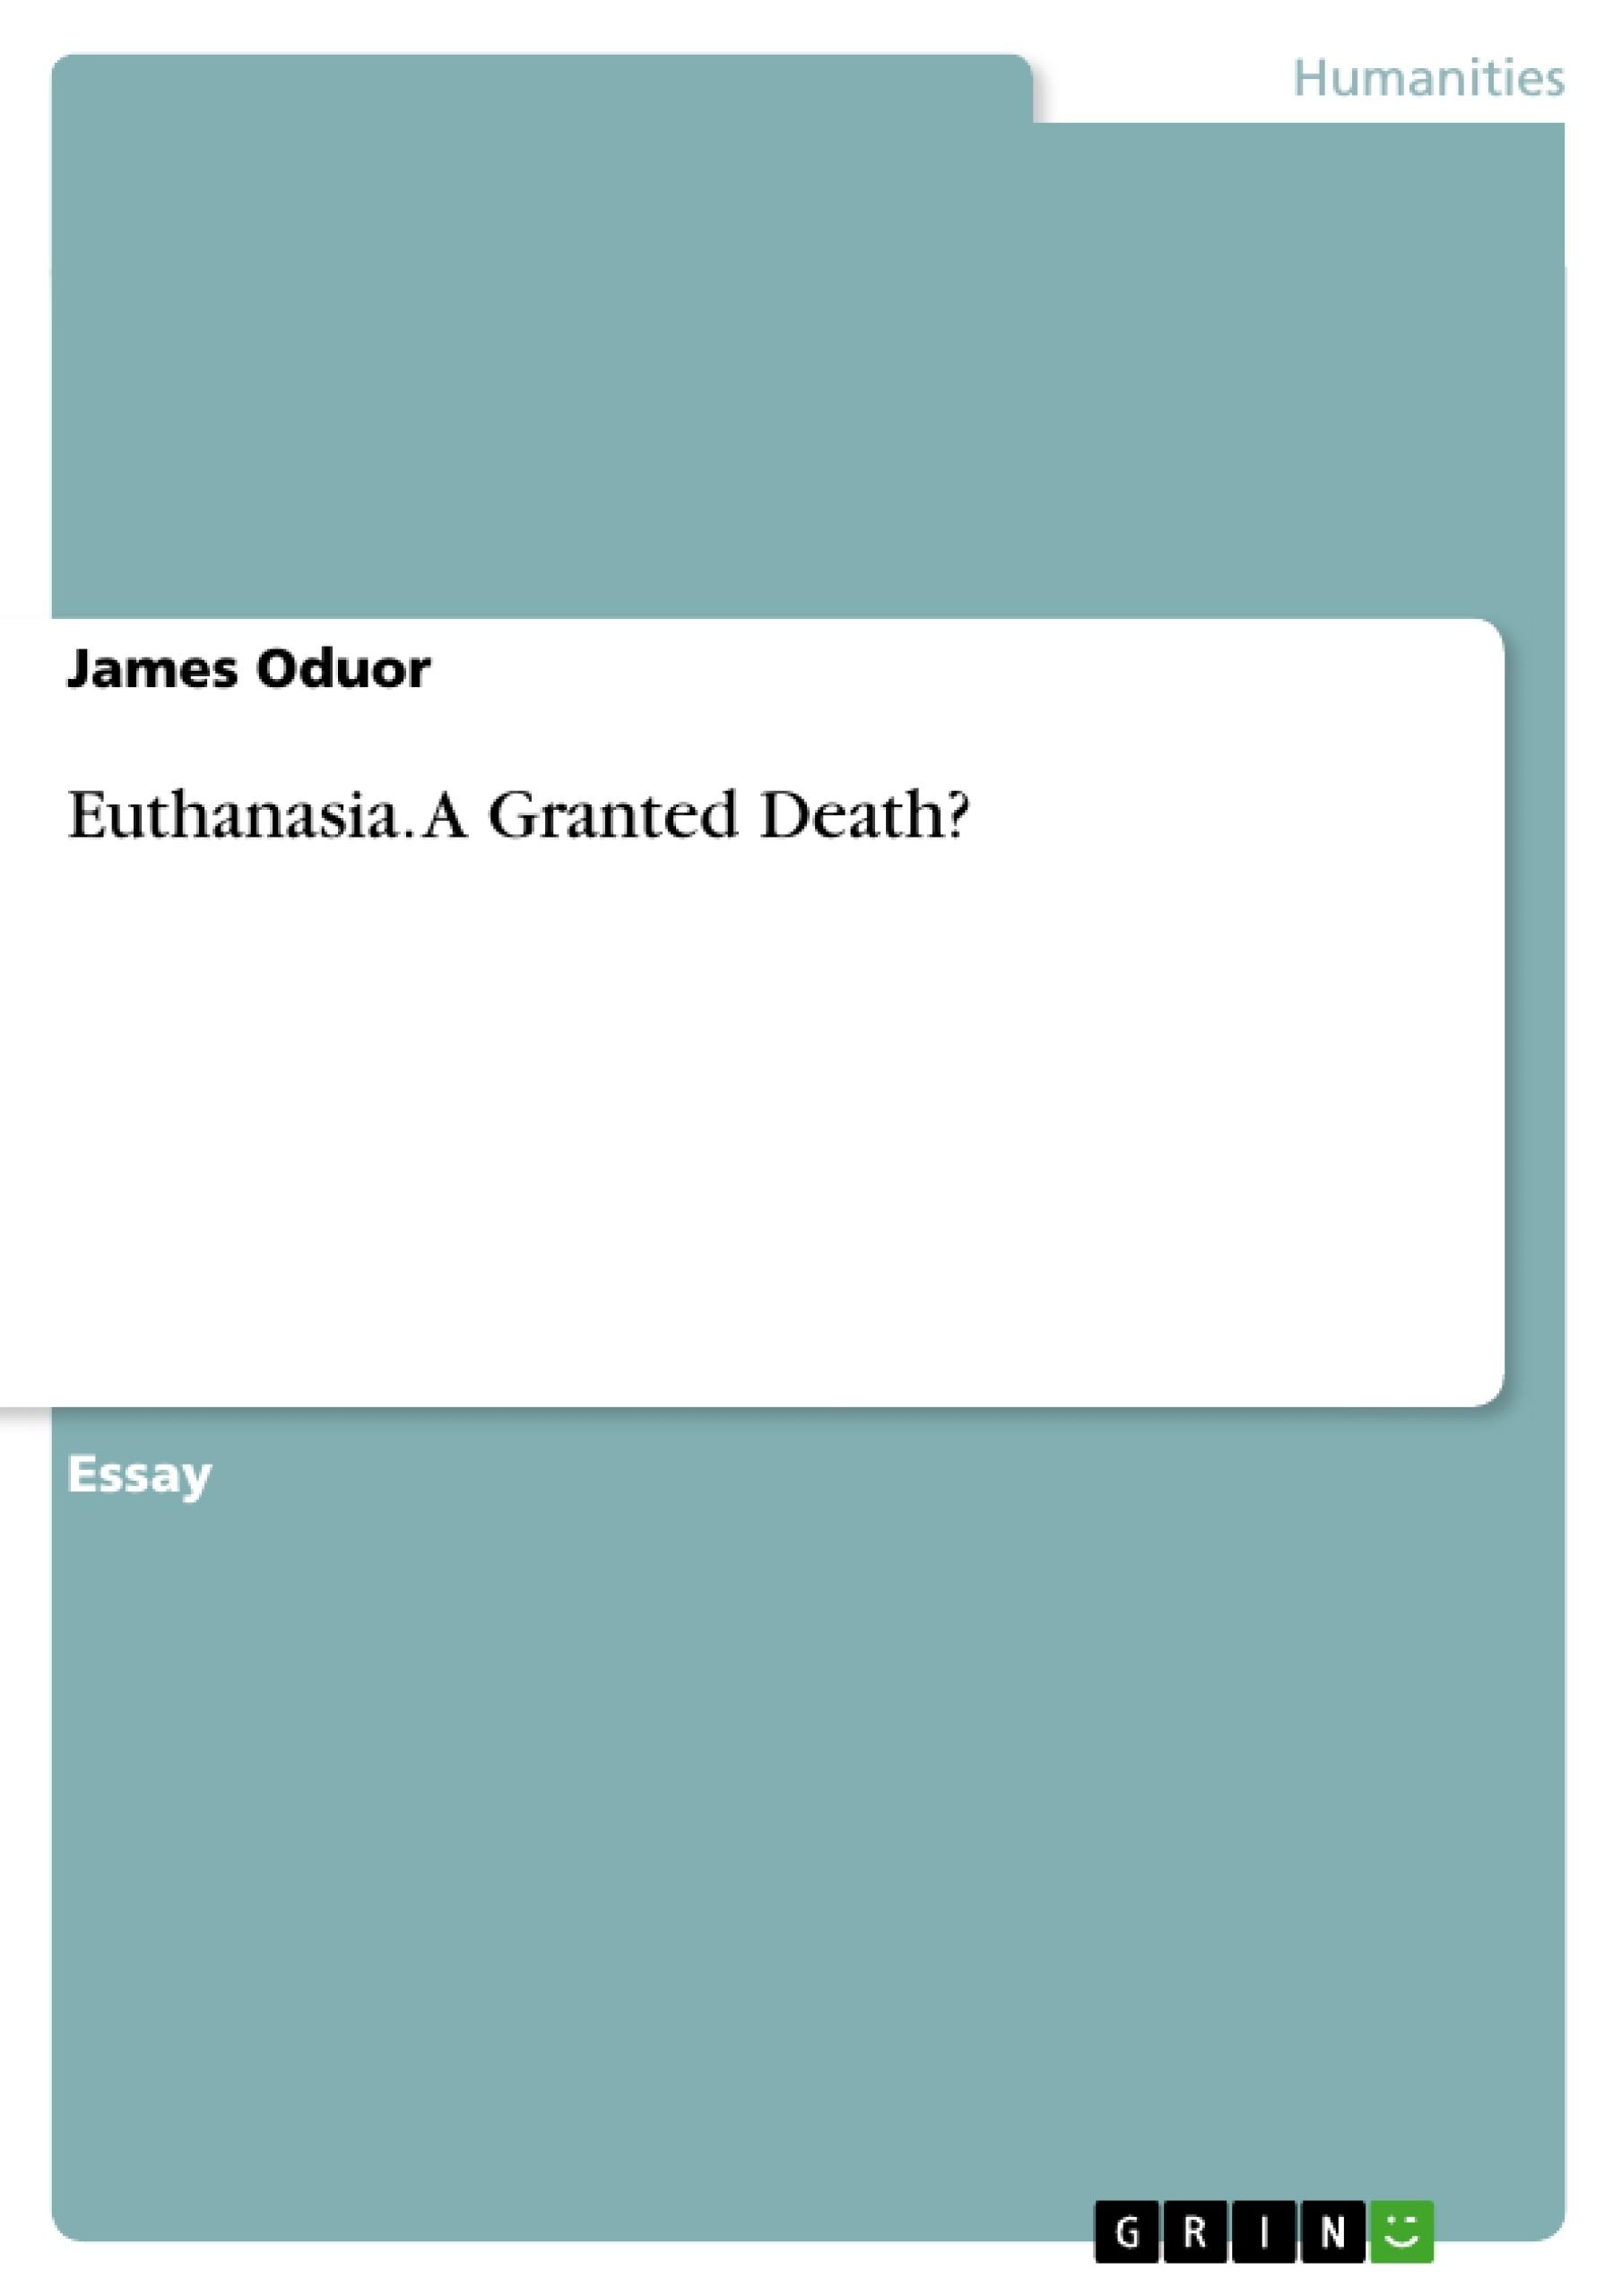 euthanasia paper thesis